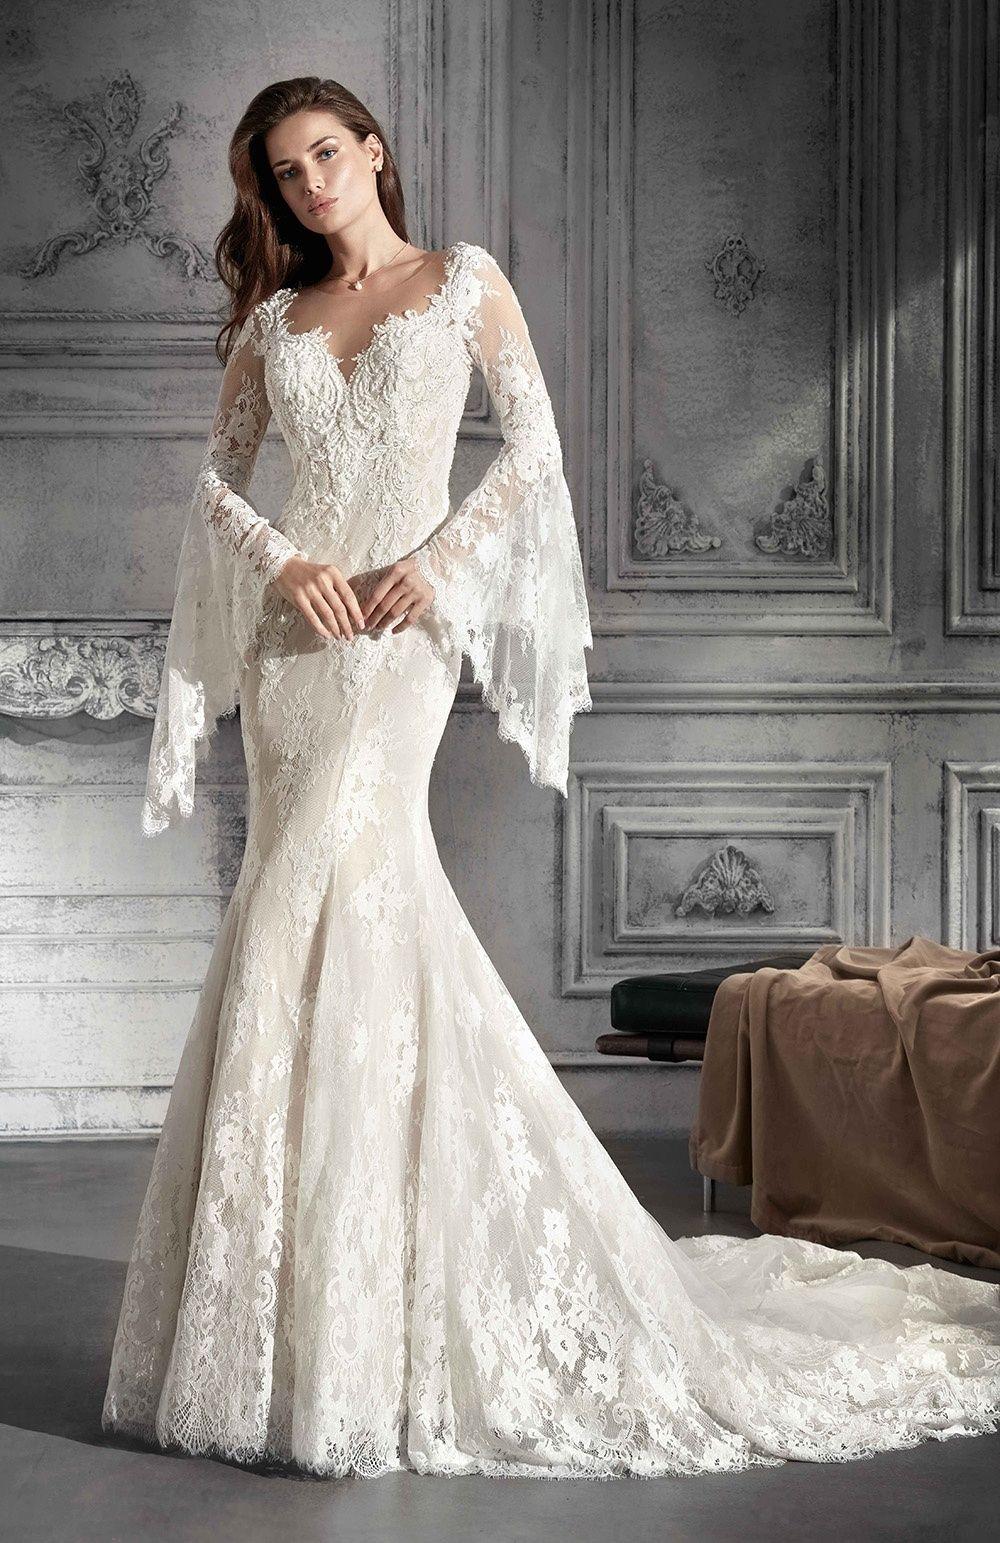 Robe de mariée demetrios modèle wedding ideas pinterest